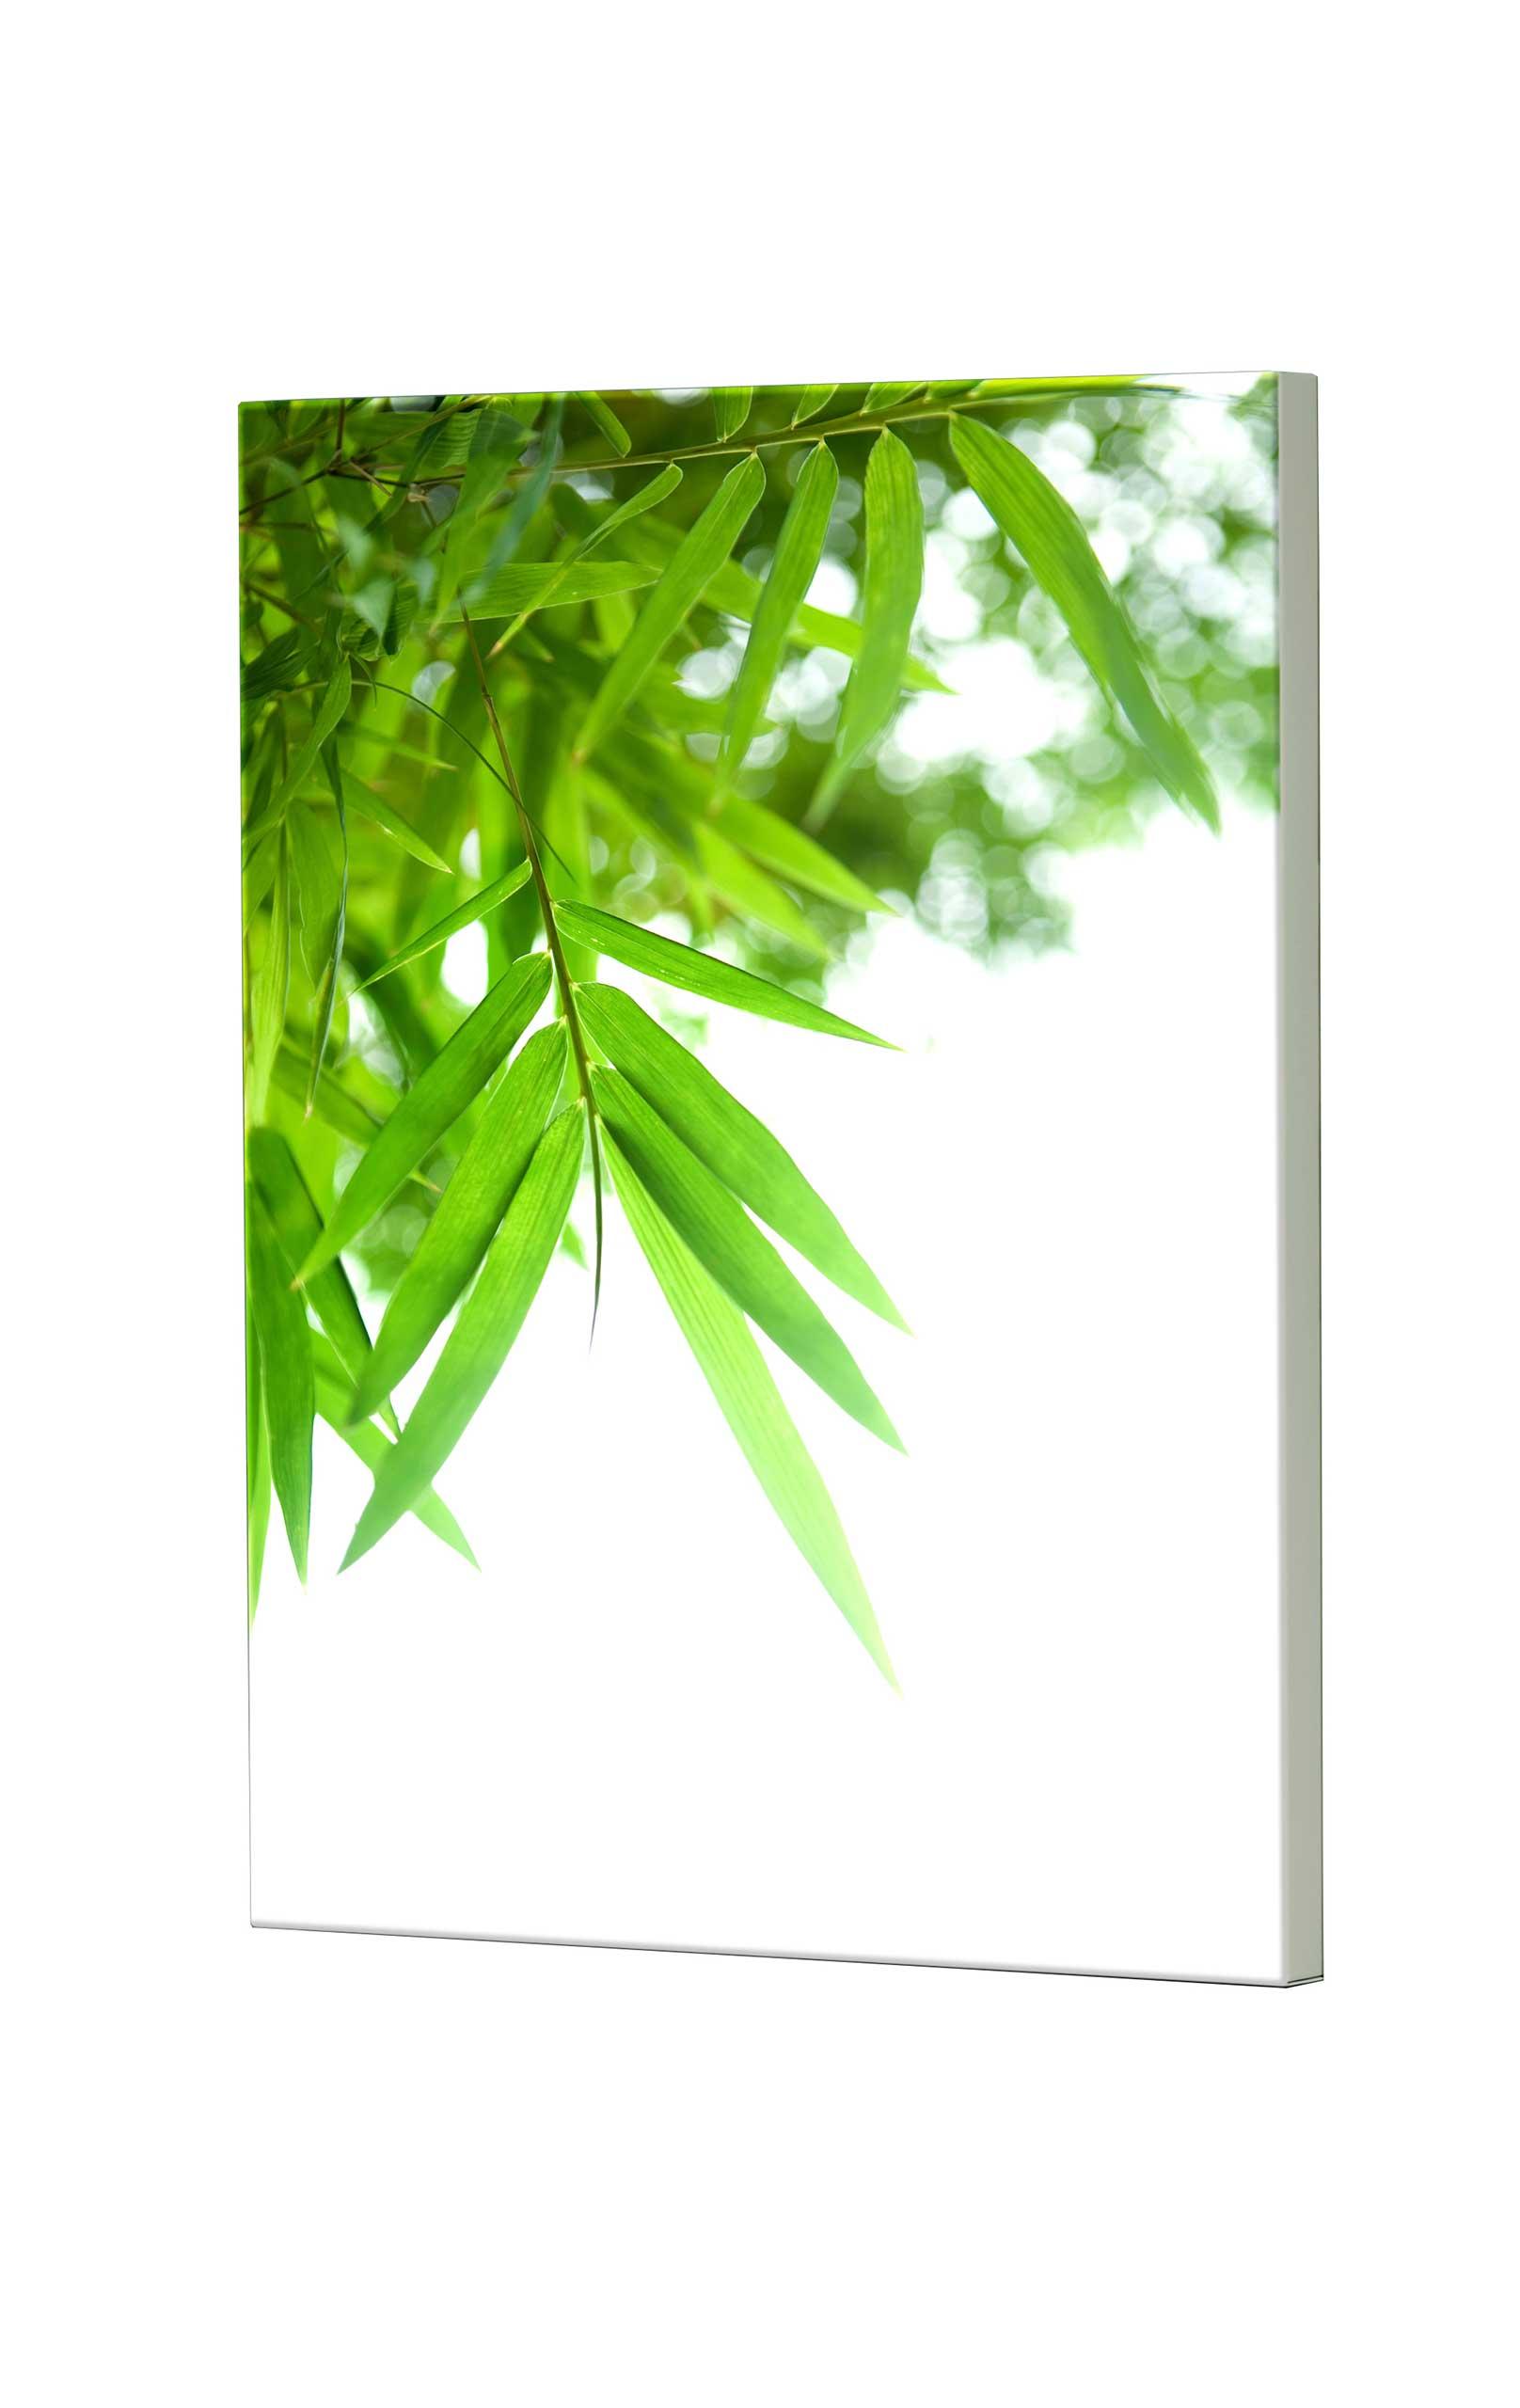 Magnettafel NOTIZ 60x80cm Motiv Blätter MDH103 Motiv-Pinnwand